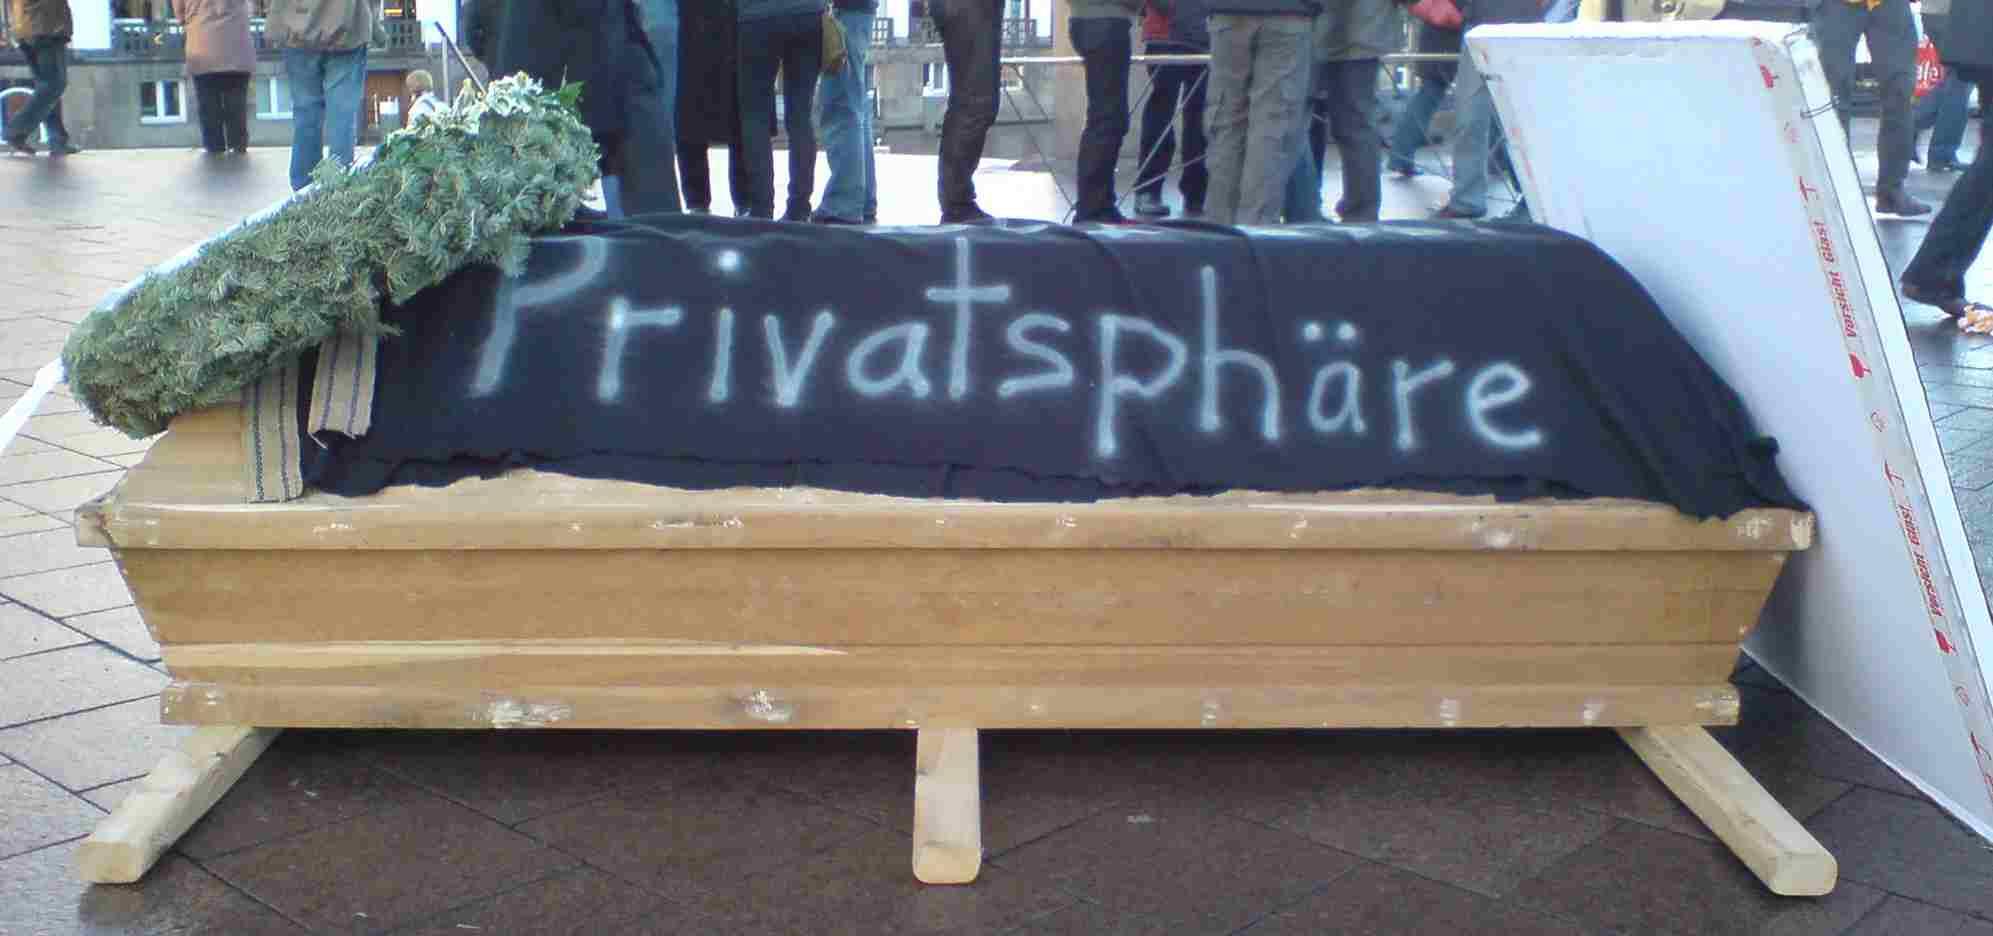 Demo gegen Vorratsdatenspeicherung Trauermarsch Hamburg Sarg